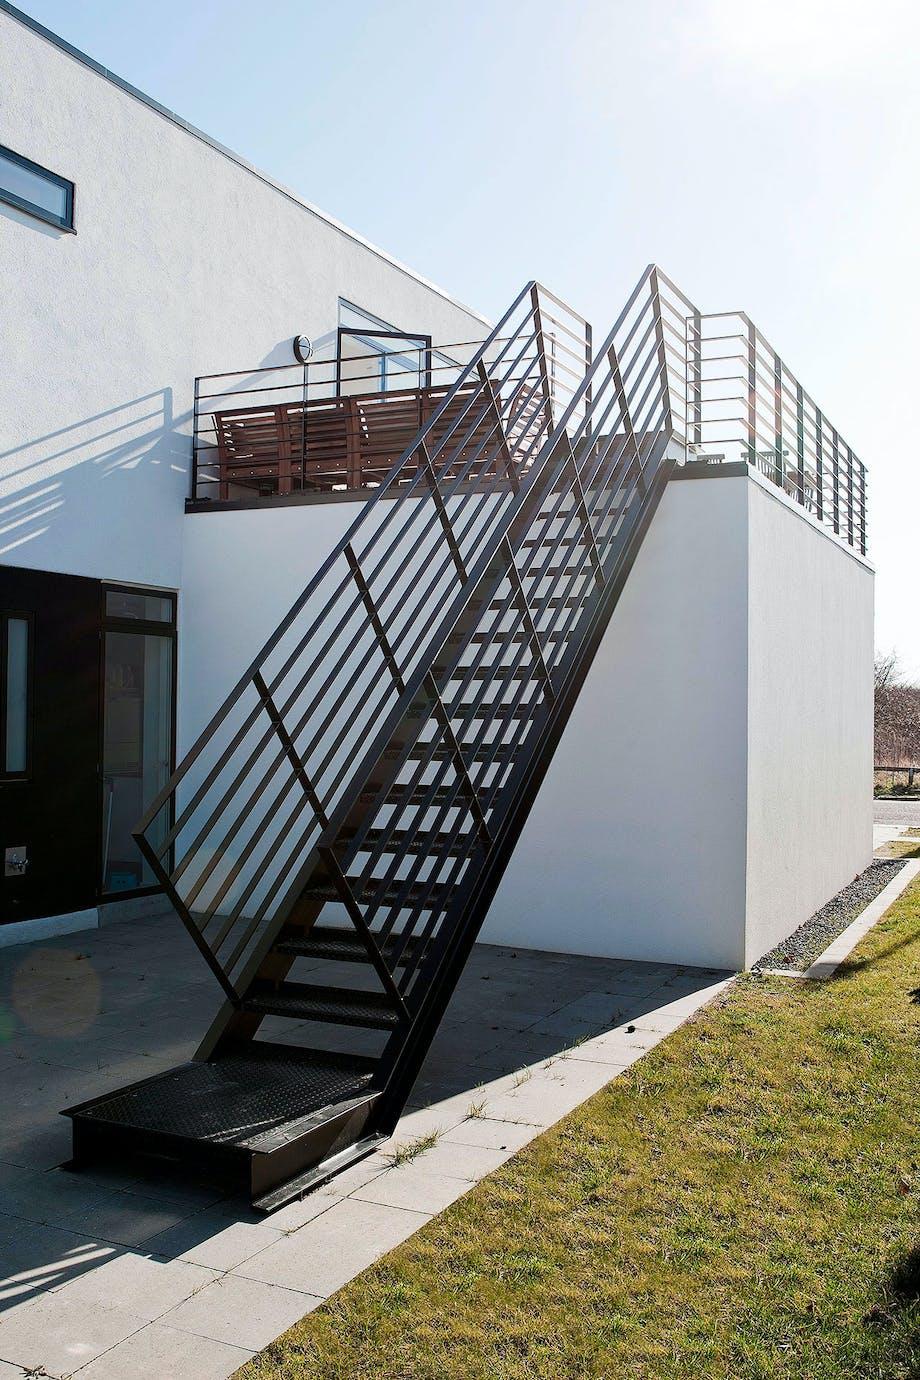 trappe terrasse hus have græsplæne